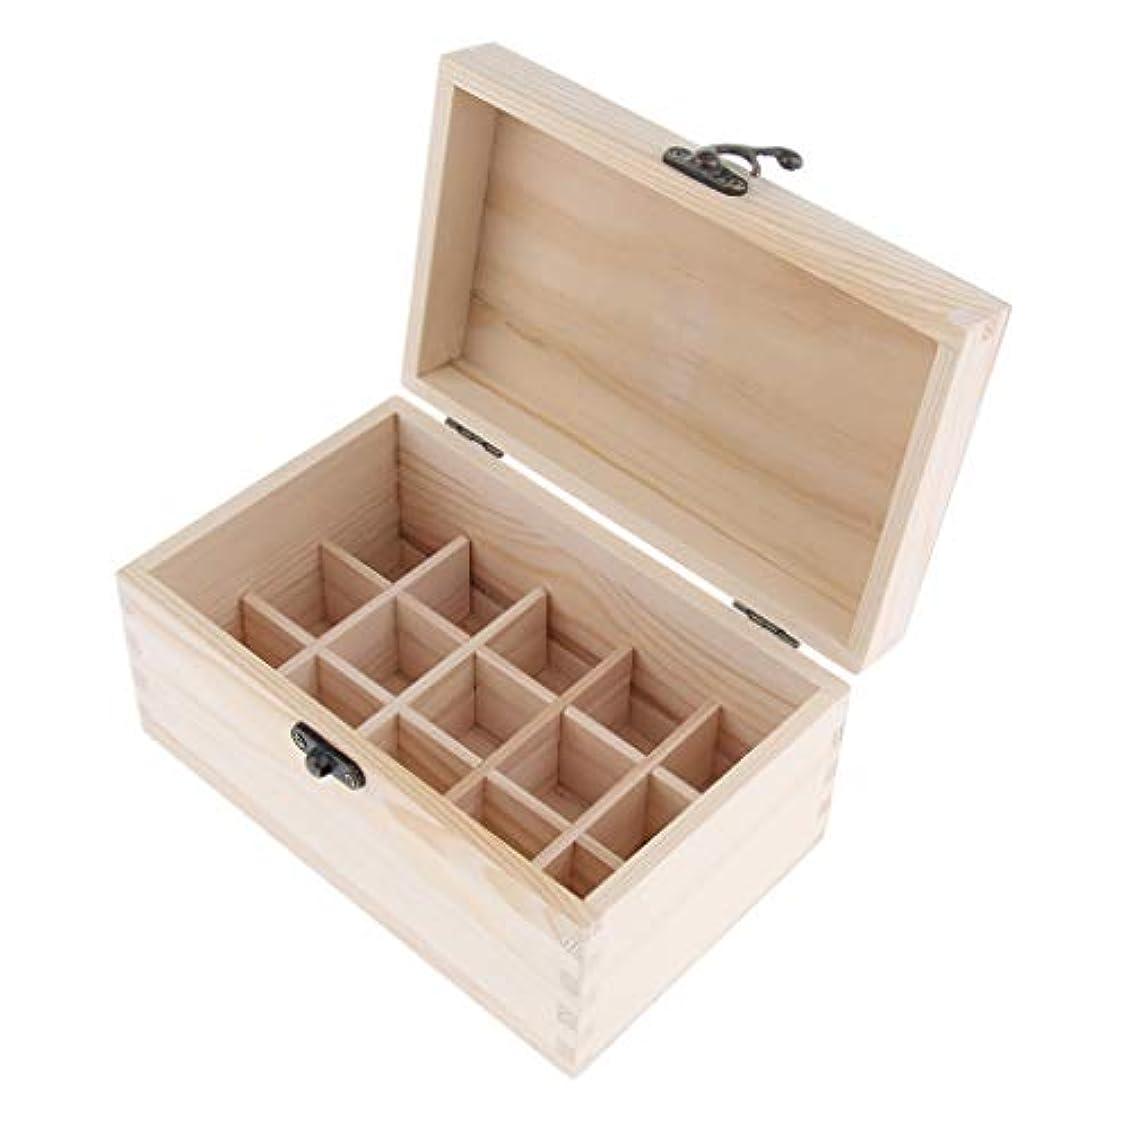 動物園スライス関係するsharprepublic エッセンシャルオイルケース 収納ボックス ディスプレイホルダー キャリーケース 15仕切り 木製